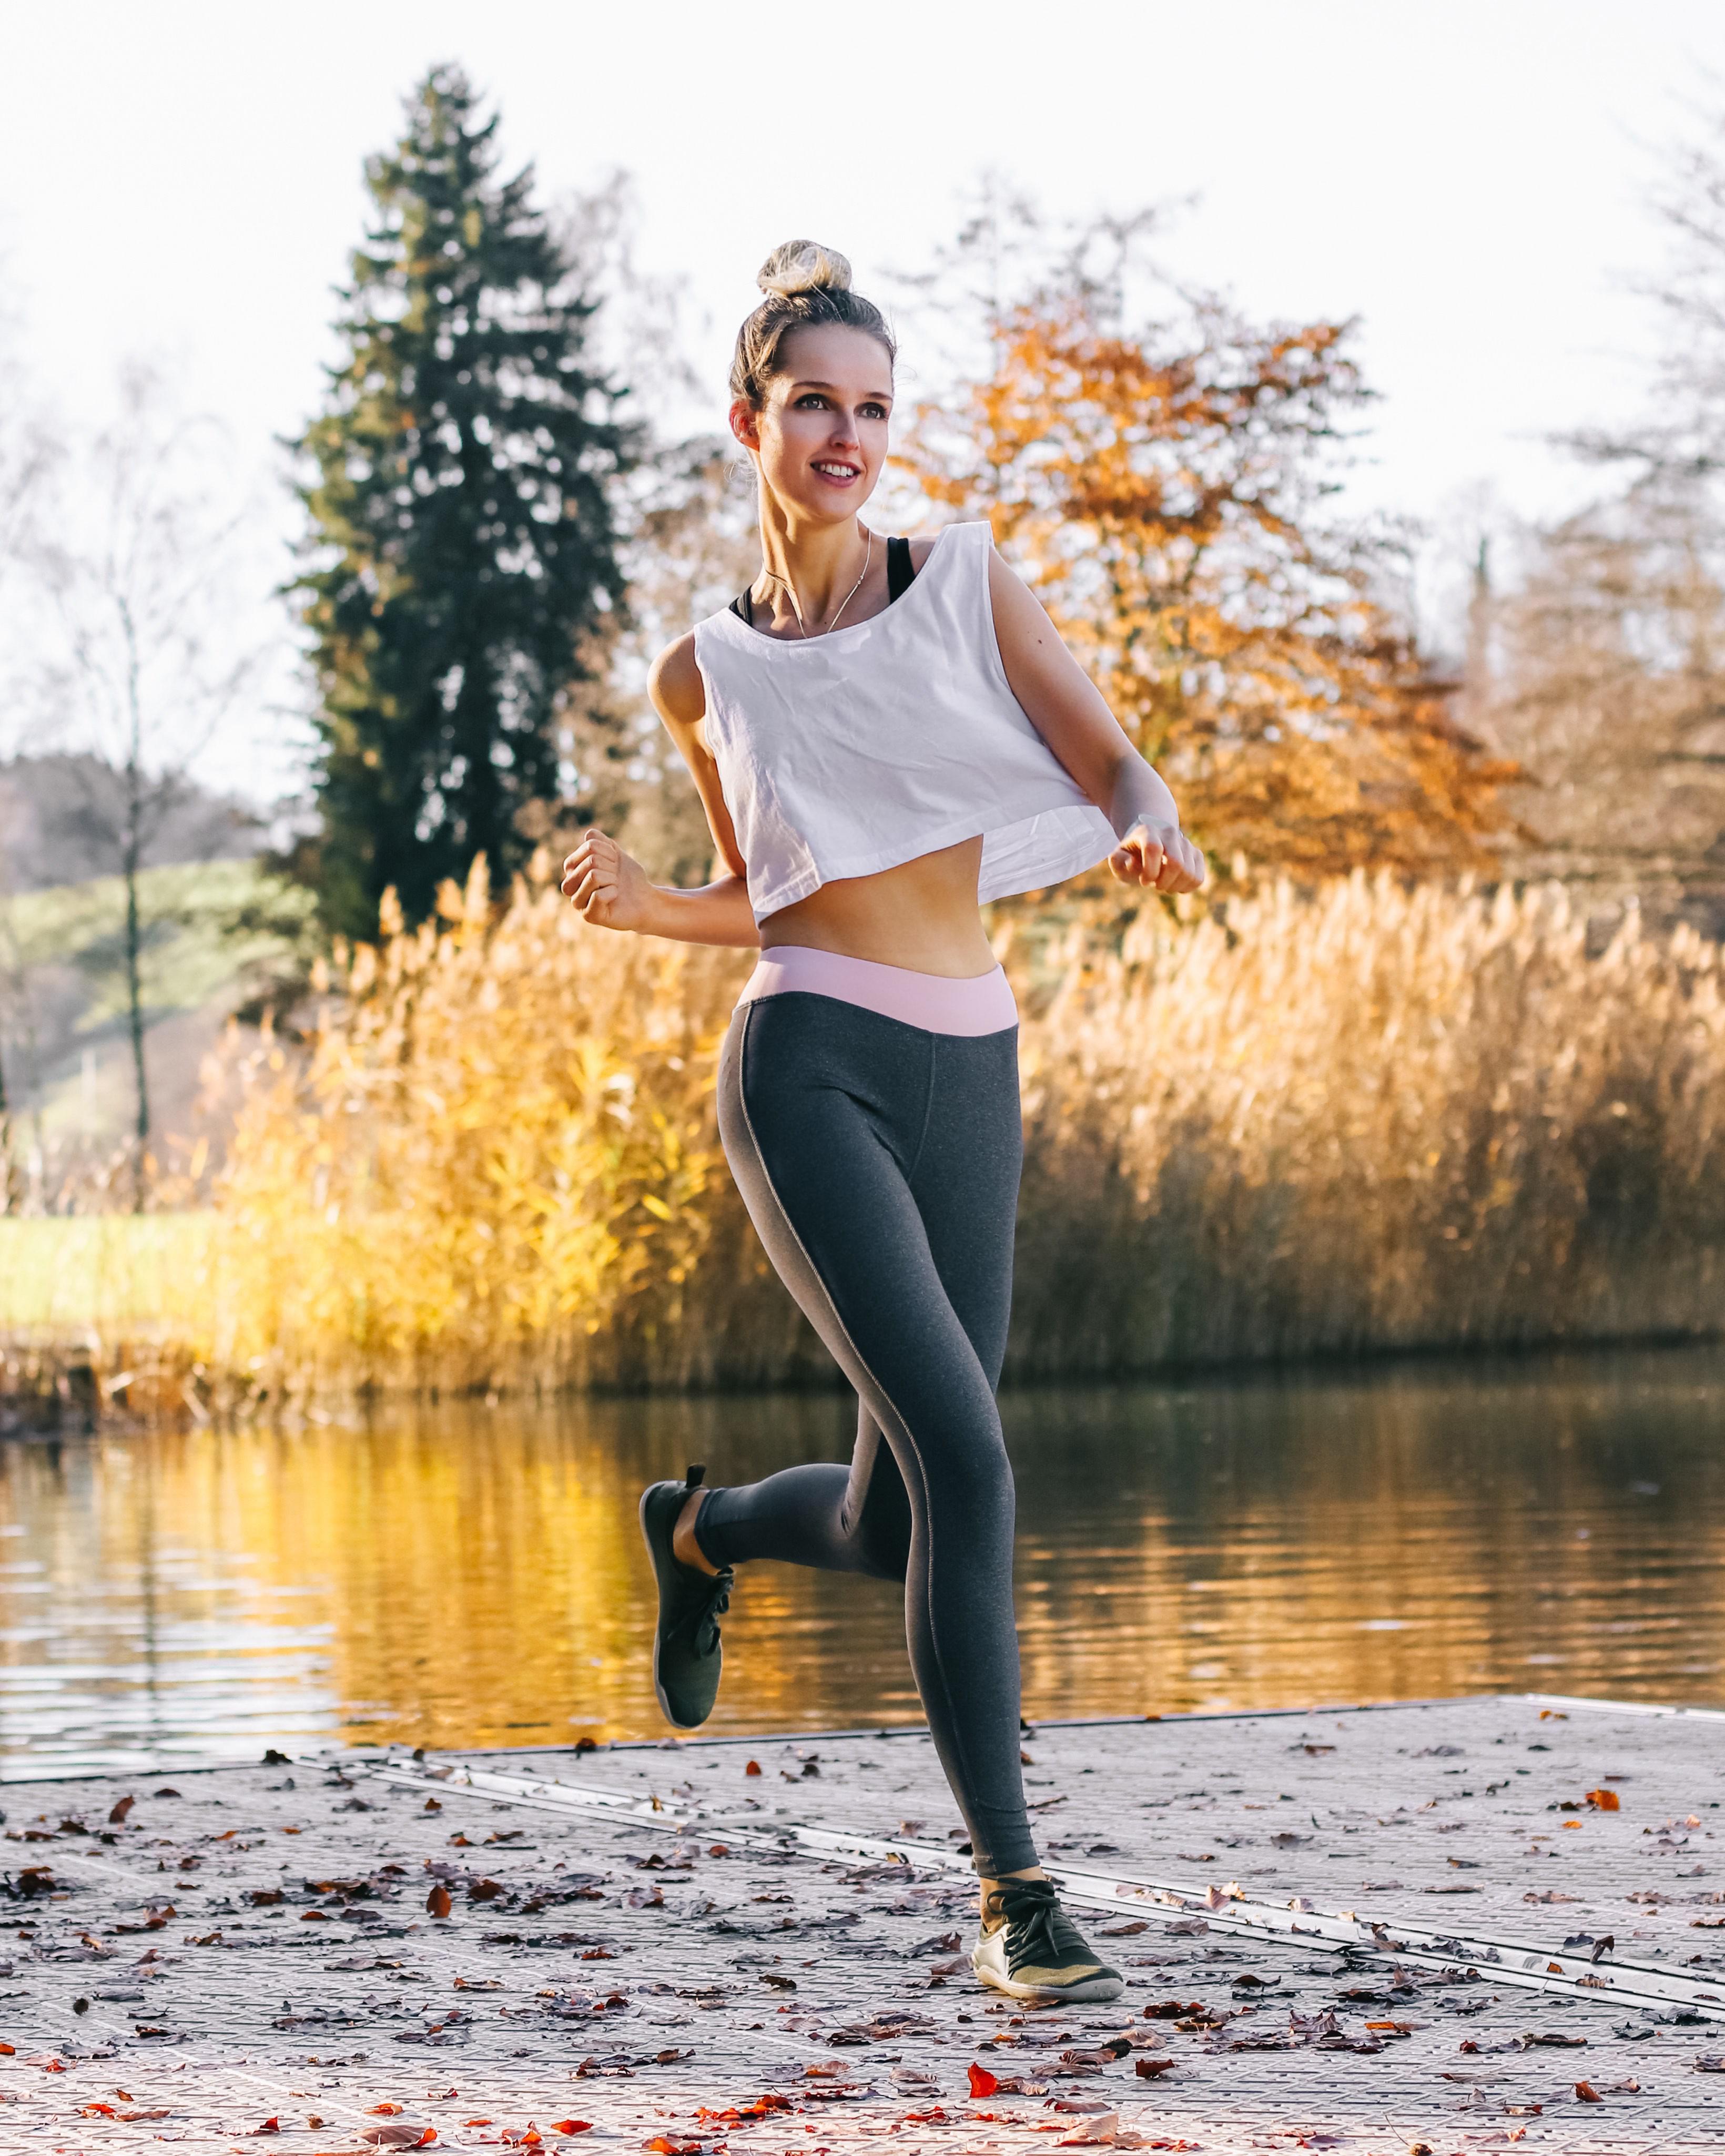 Lauftipps für Anfänger und Wiedereinsteiger + mein Halbmarathon